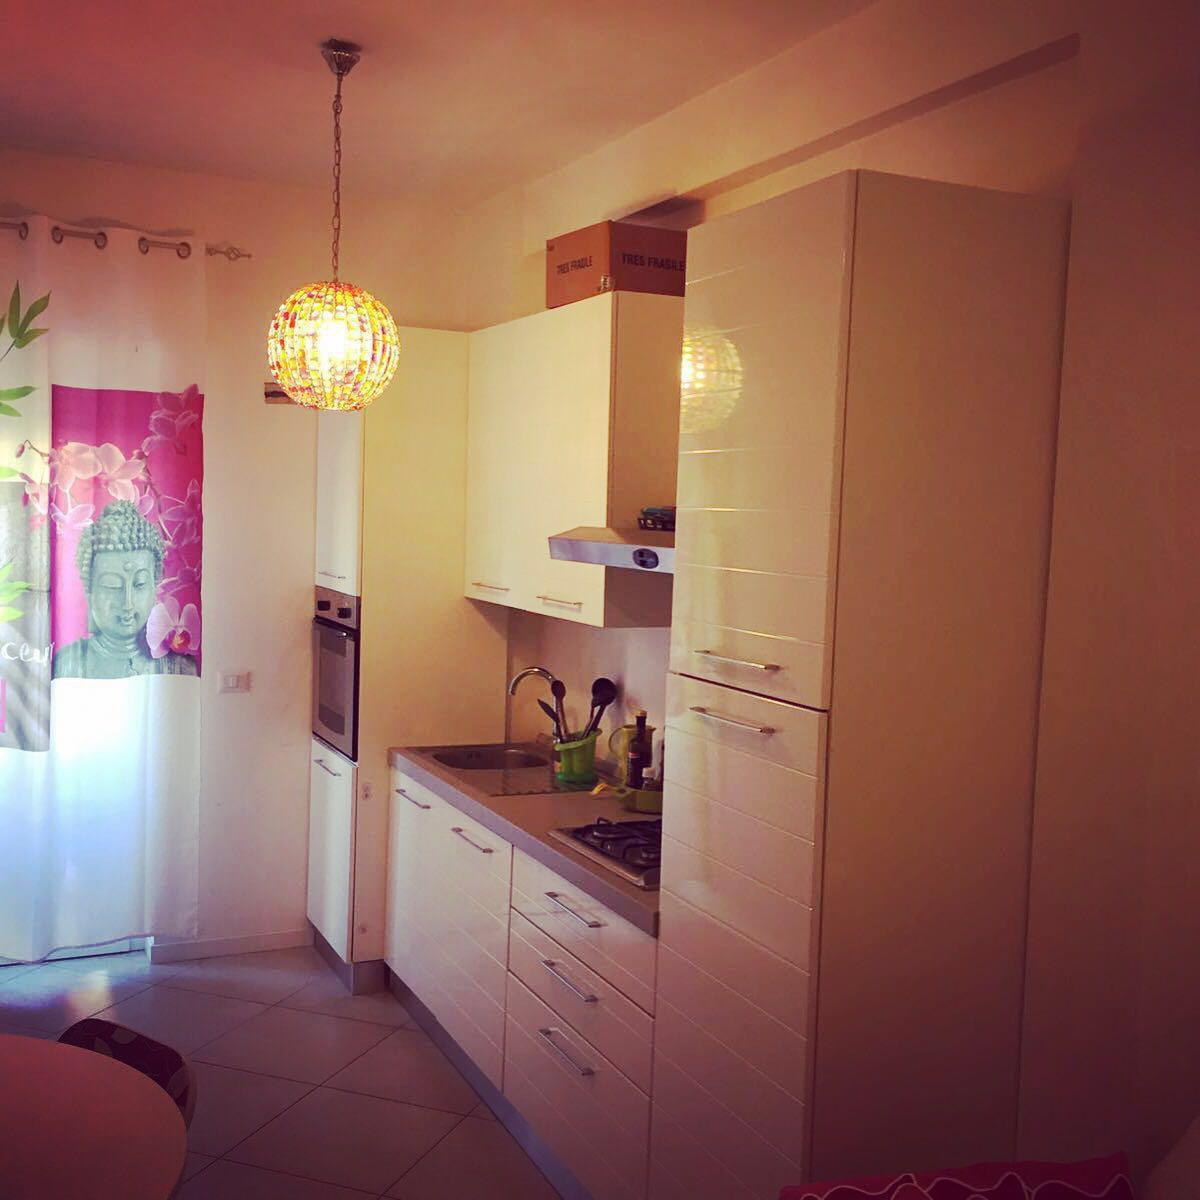 Appartamento in vendita a Ascoli Piceno, 3 locali, zona Località: CampoParignano, prezzo € 85.000 | Cambio Casa.it